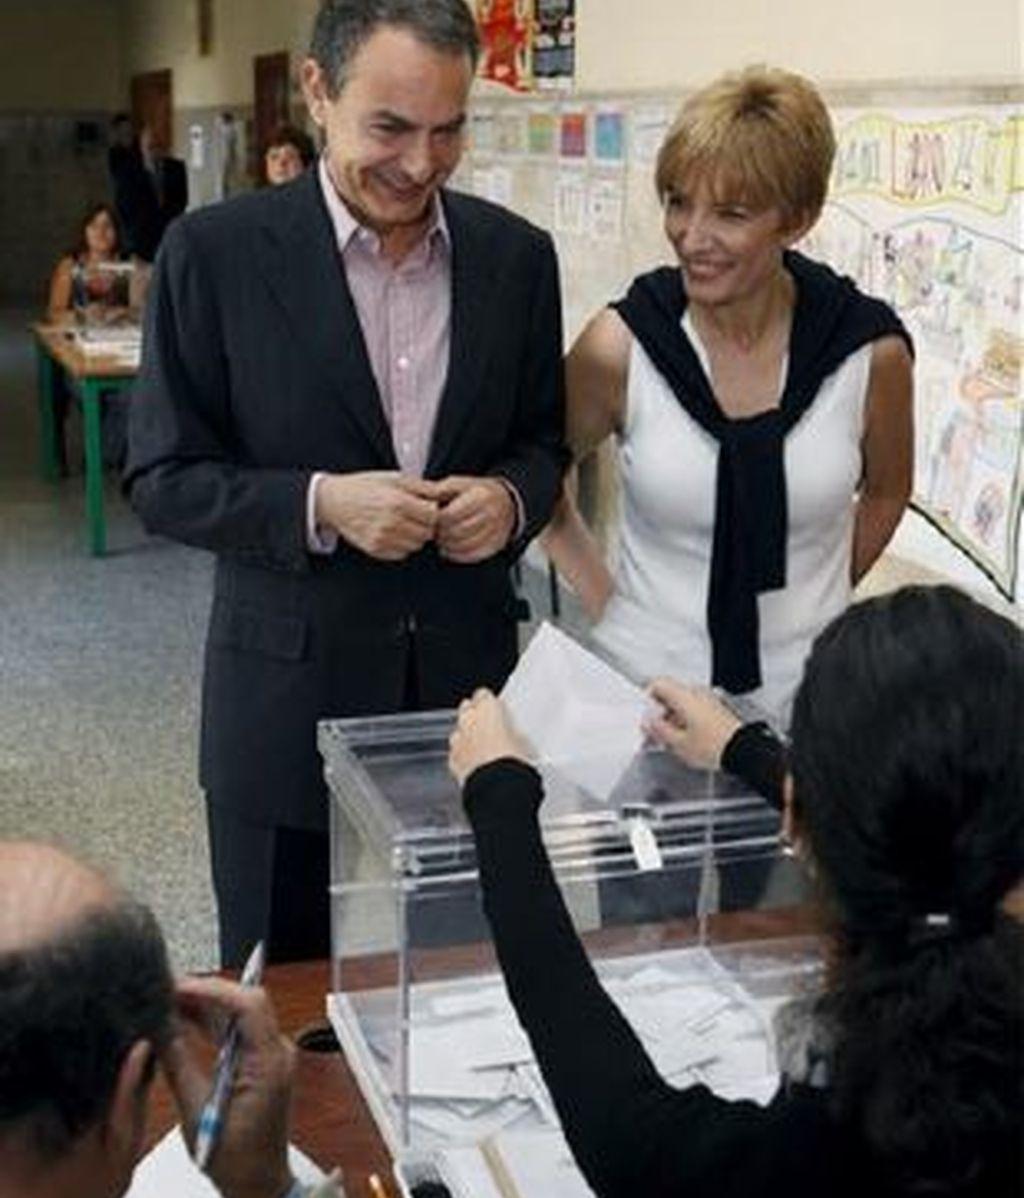 El presidente Zapatero ha votado en Madrid junto a su esposa Sonsoles Espinosa. Vídeo: ATLAS